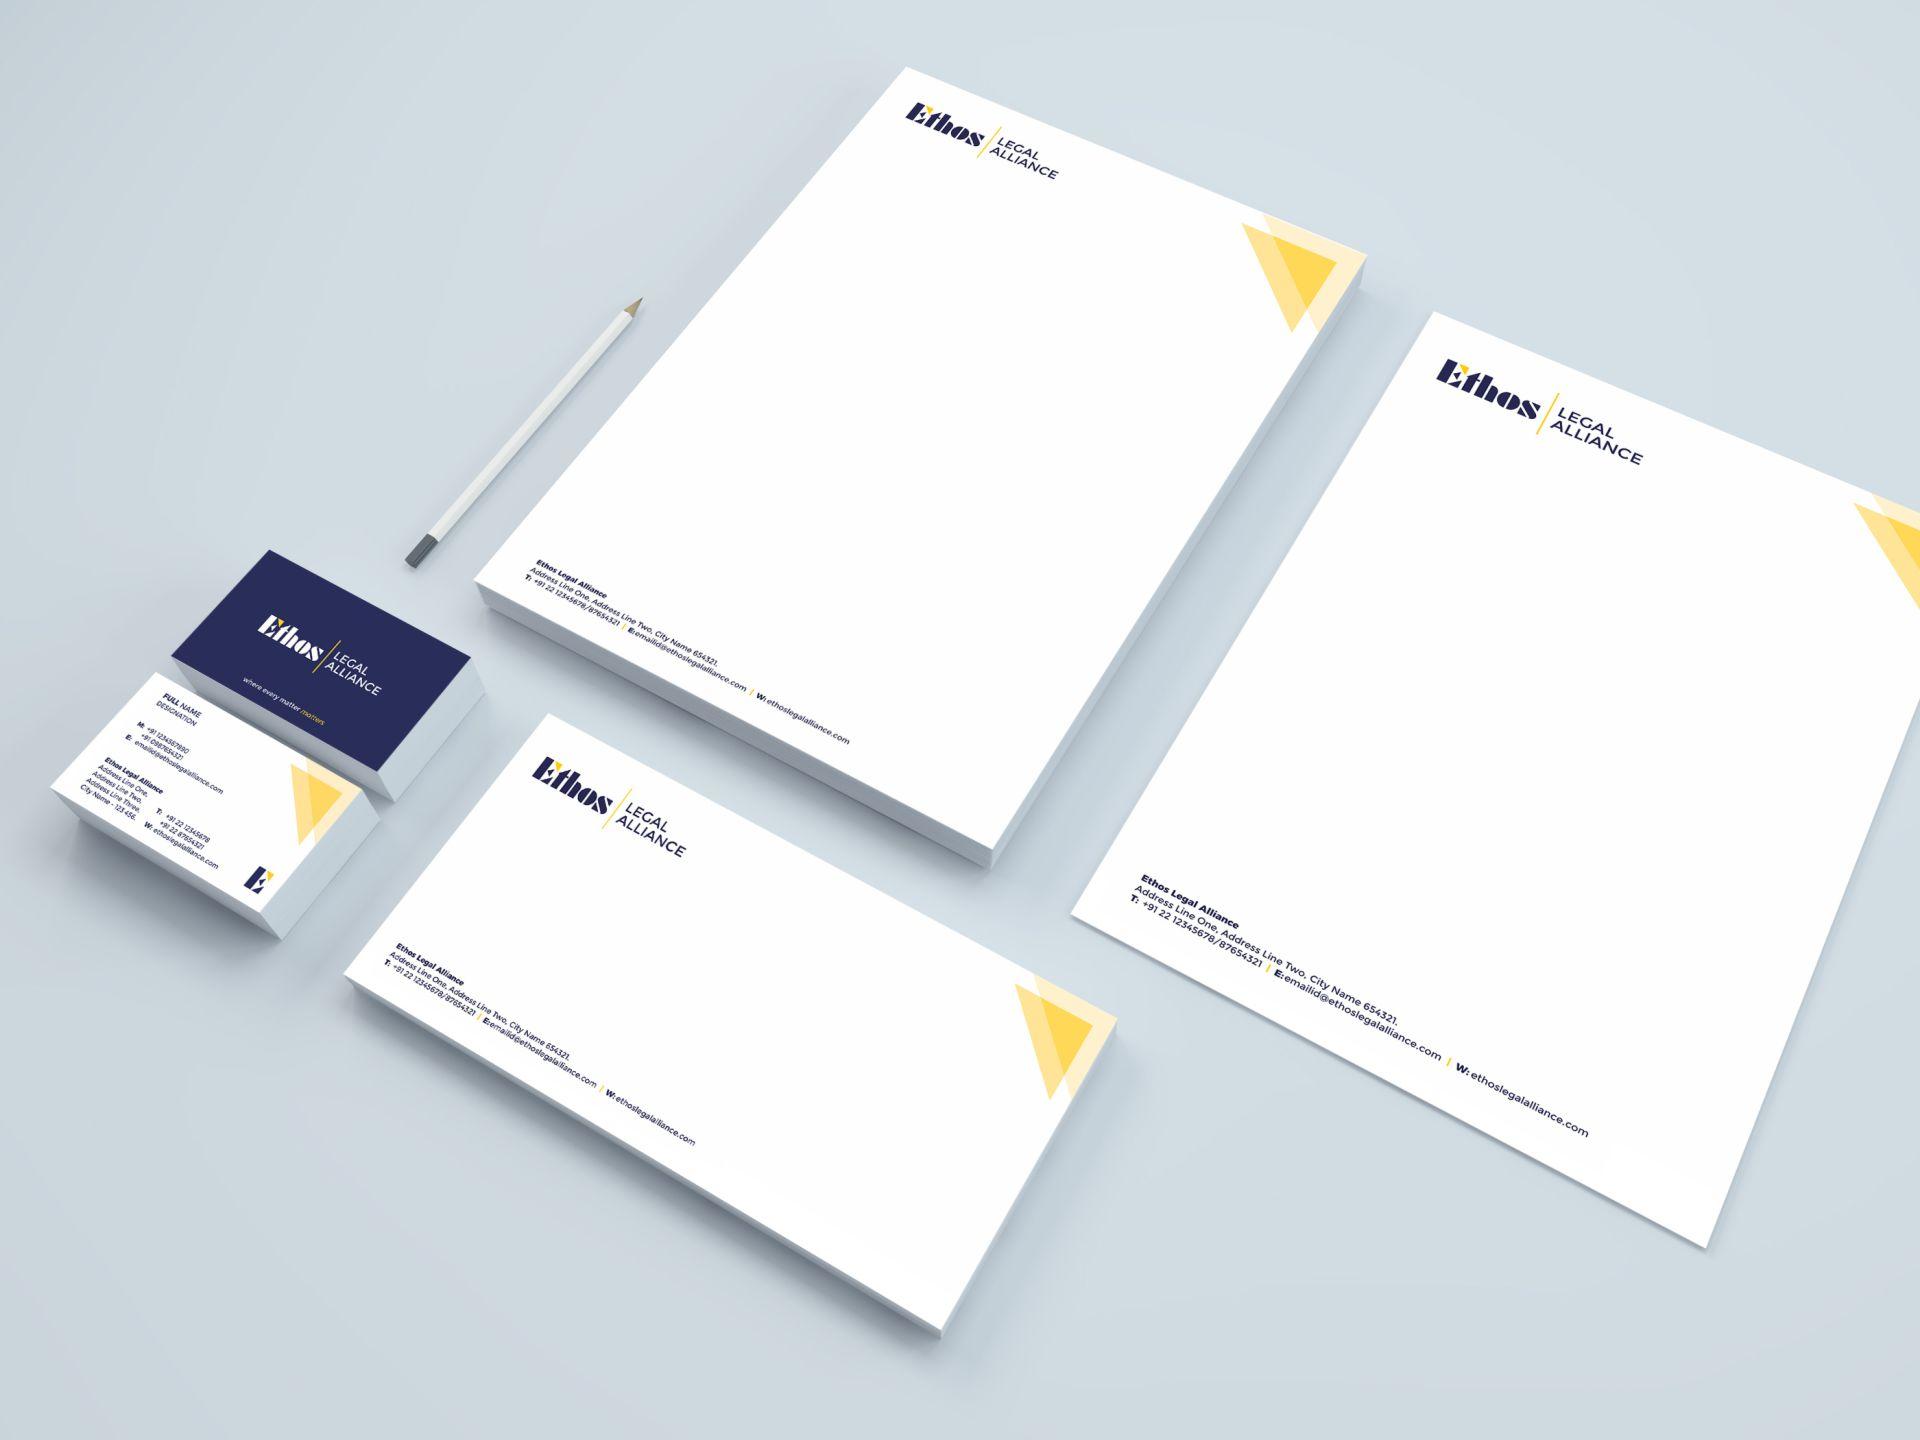 Ethos Legal Alliance - Stationery